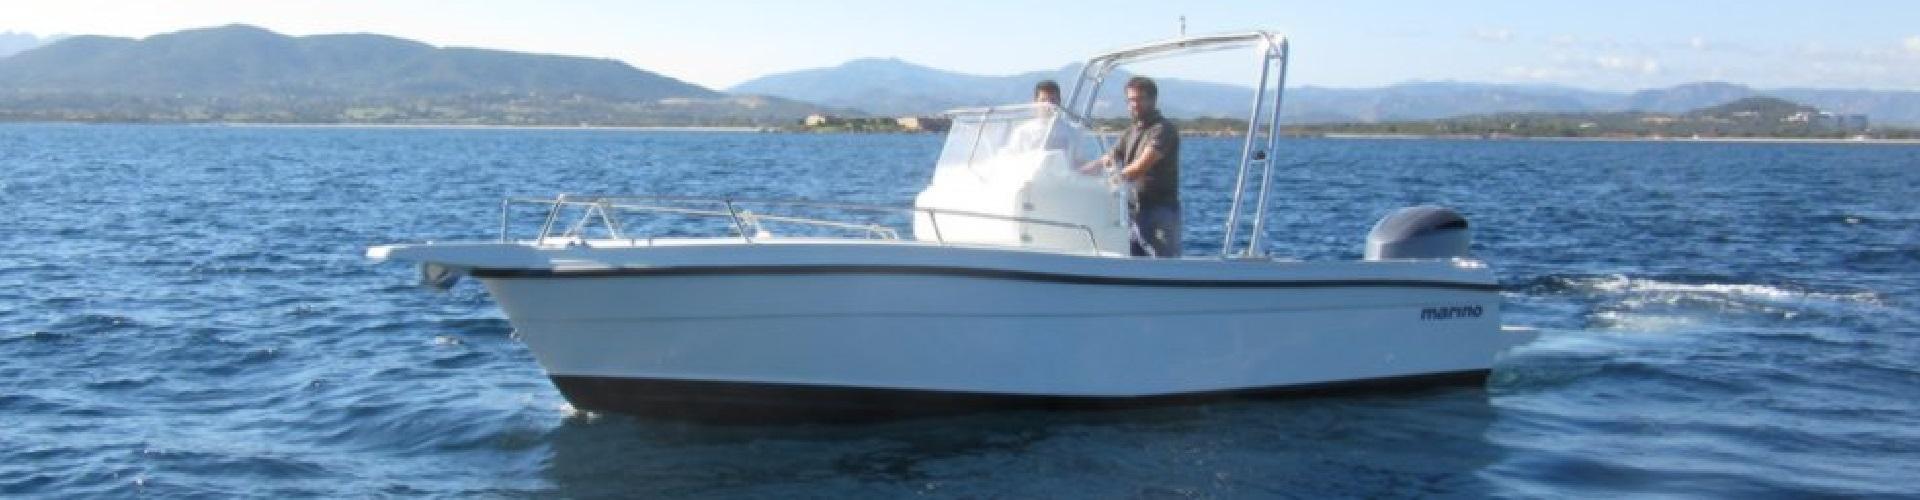 marino 660 - 7